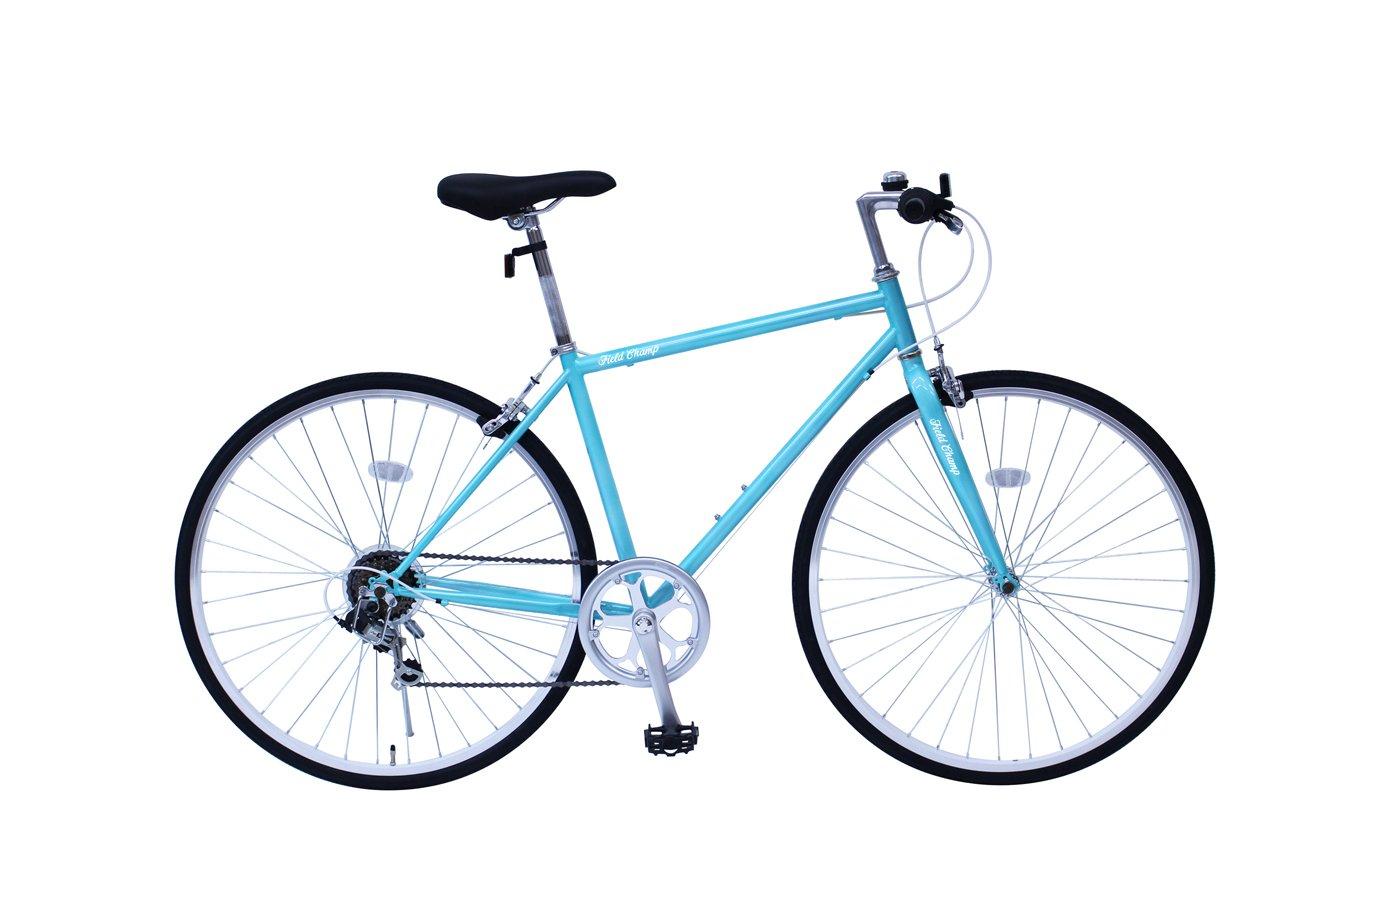 【送料0円】 FIELD CHAMP ブルー MG-FCP700CF-BL CHAMP ブルー FIELD [クロスバイク自転車] B0792P19SZ, ヨコシママチ:3b61005a --- greaterbayx.co